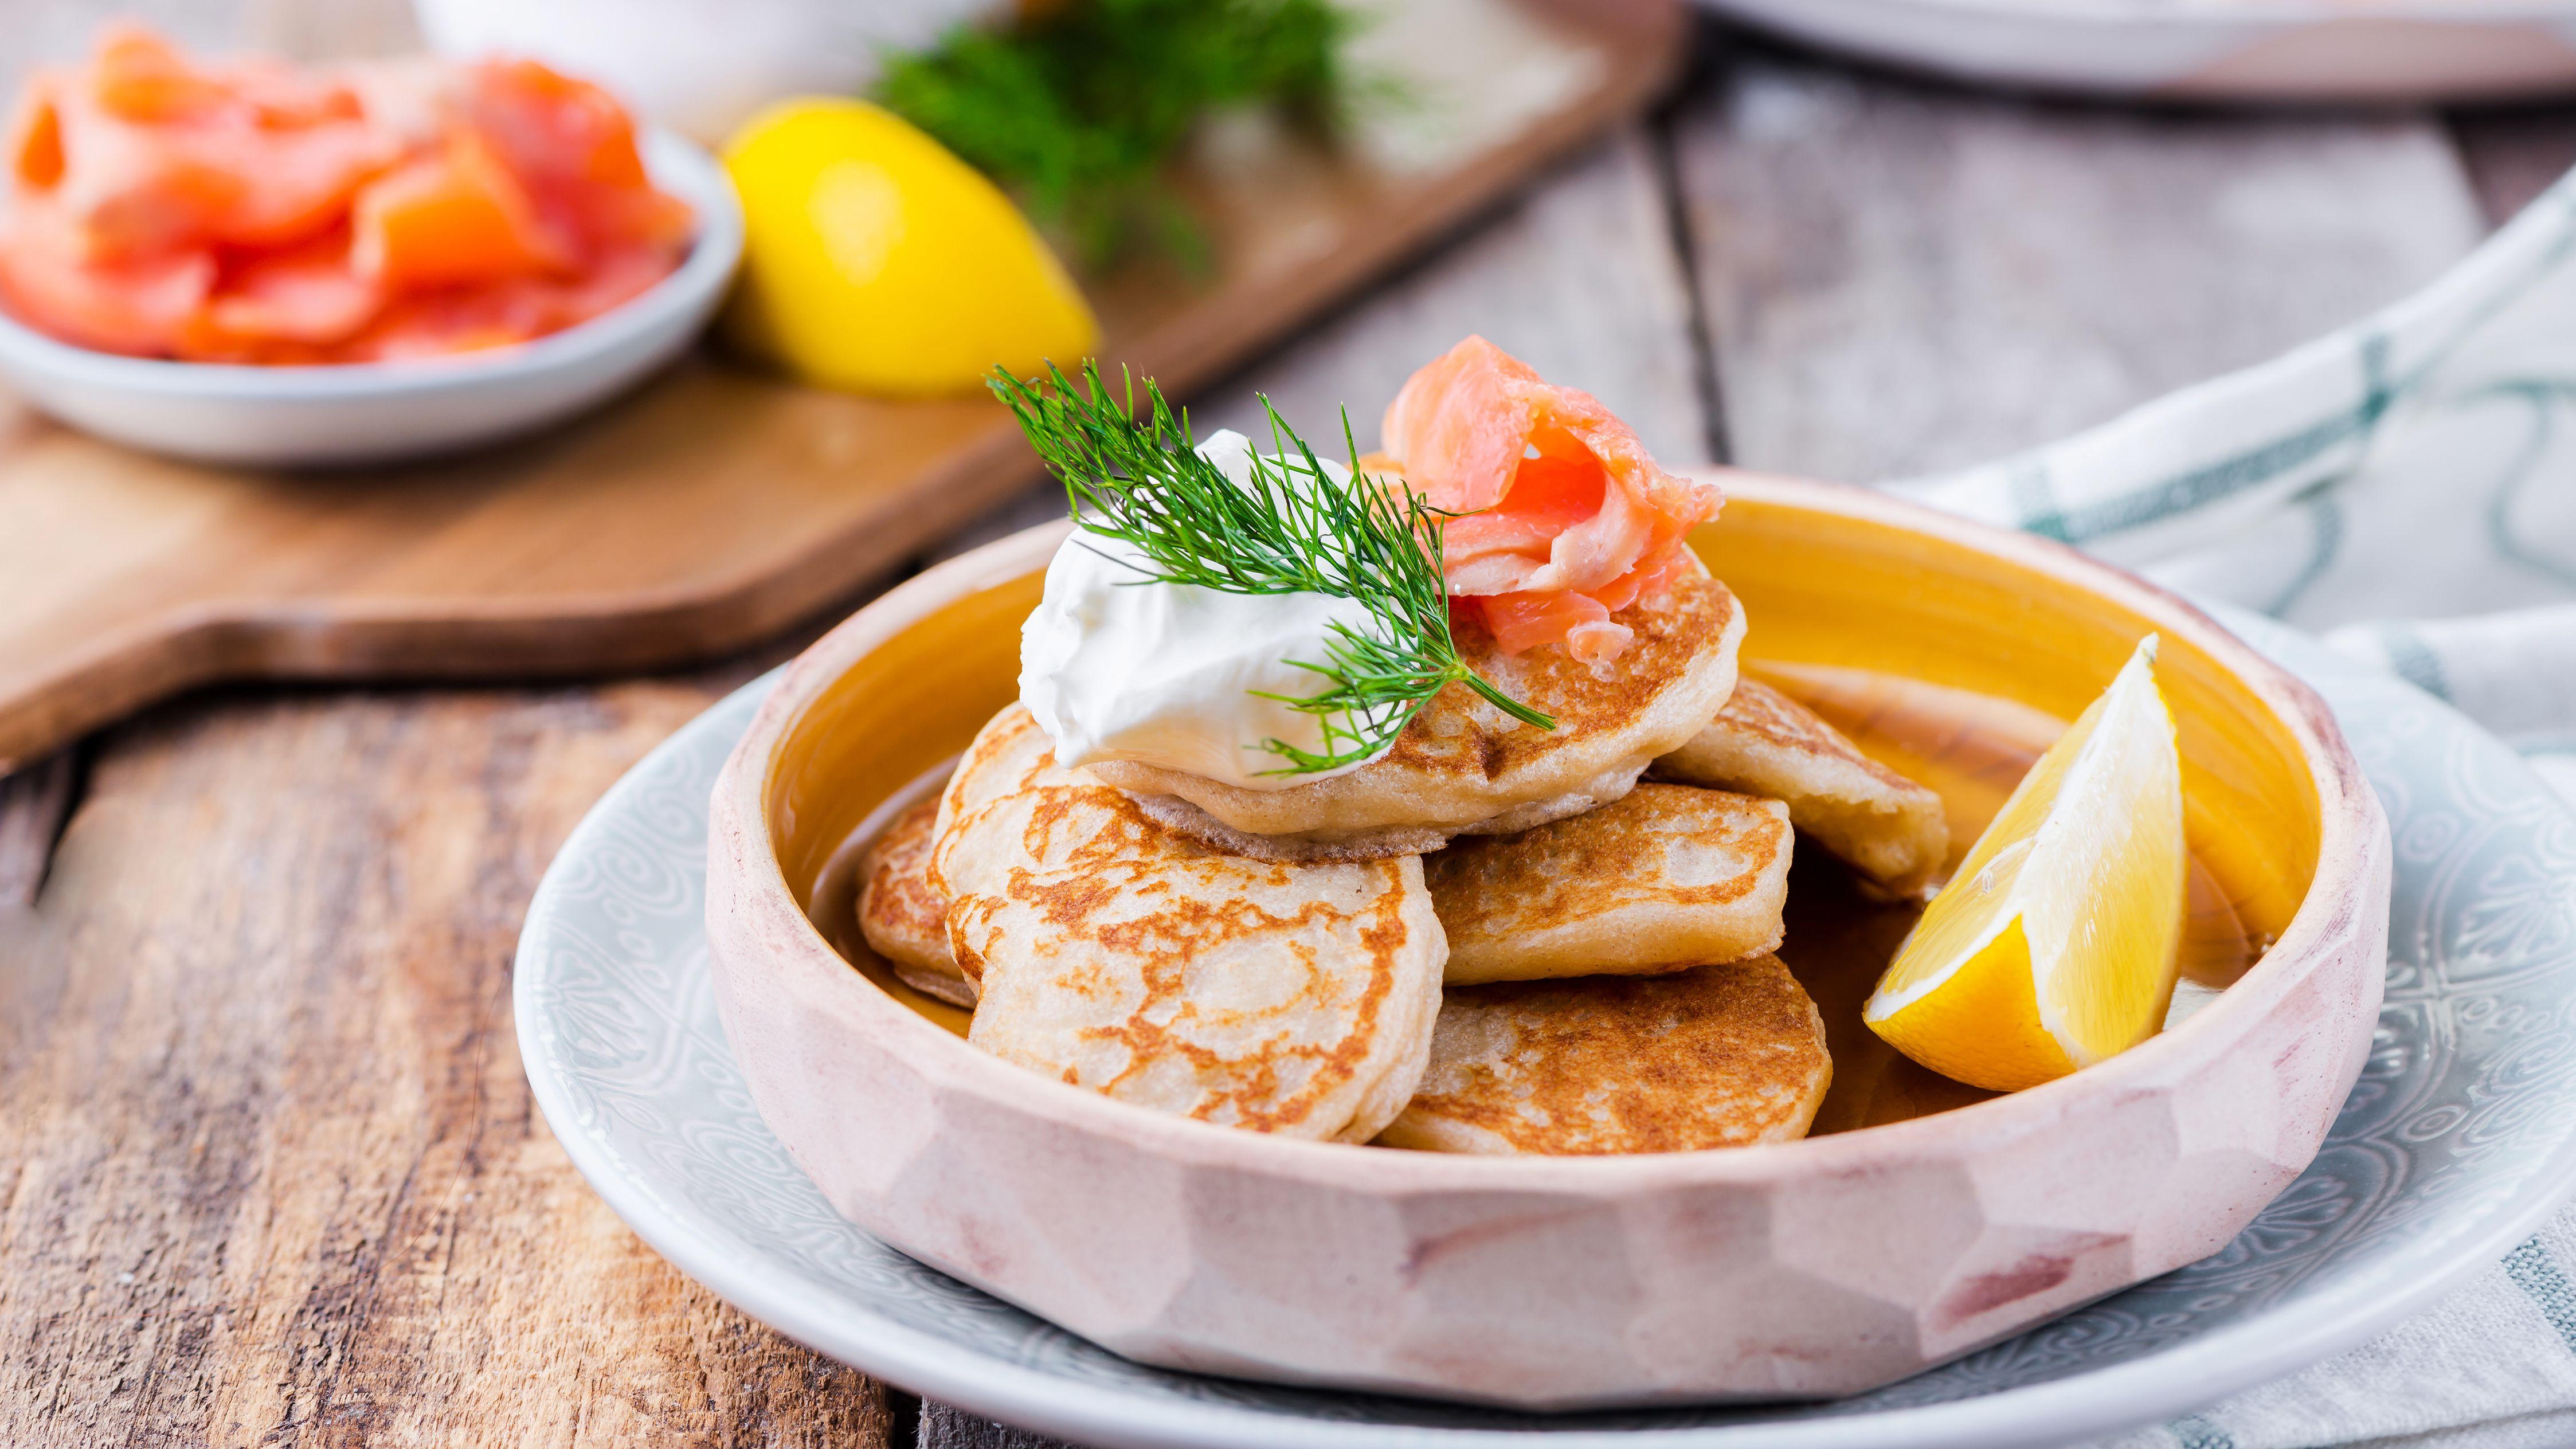 bánh blini trong đĩa trên bàn, miếng canh vàng trong bát